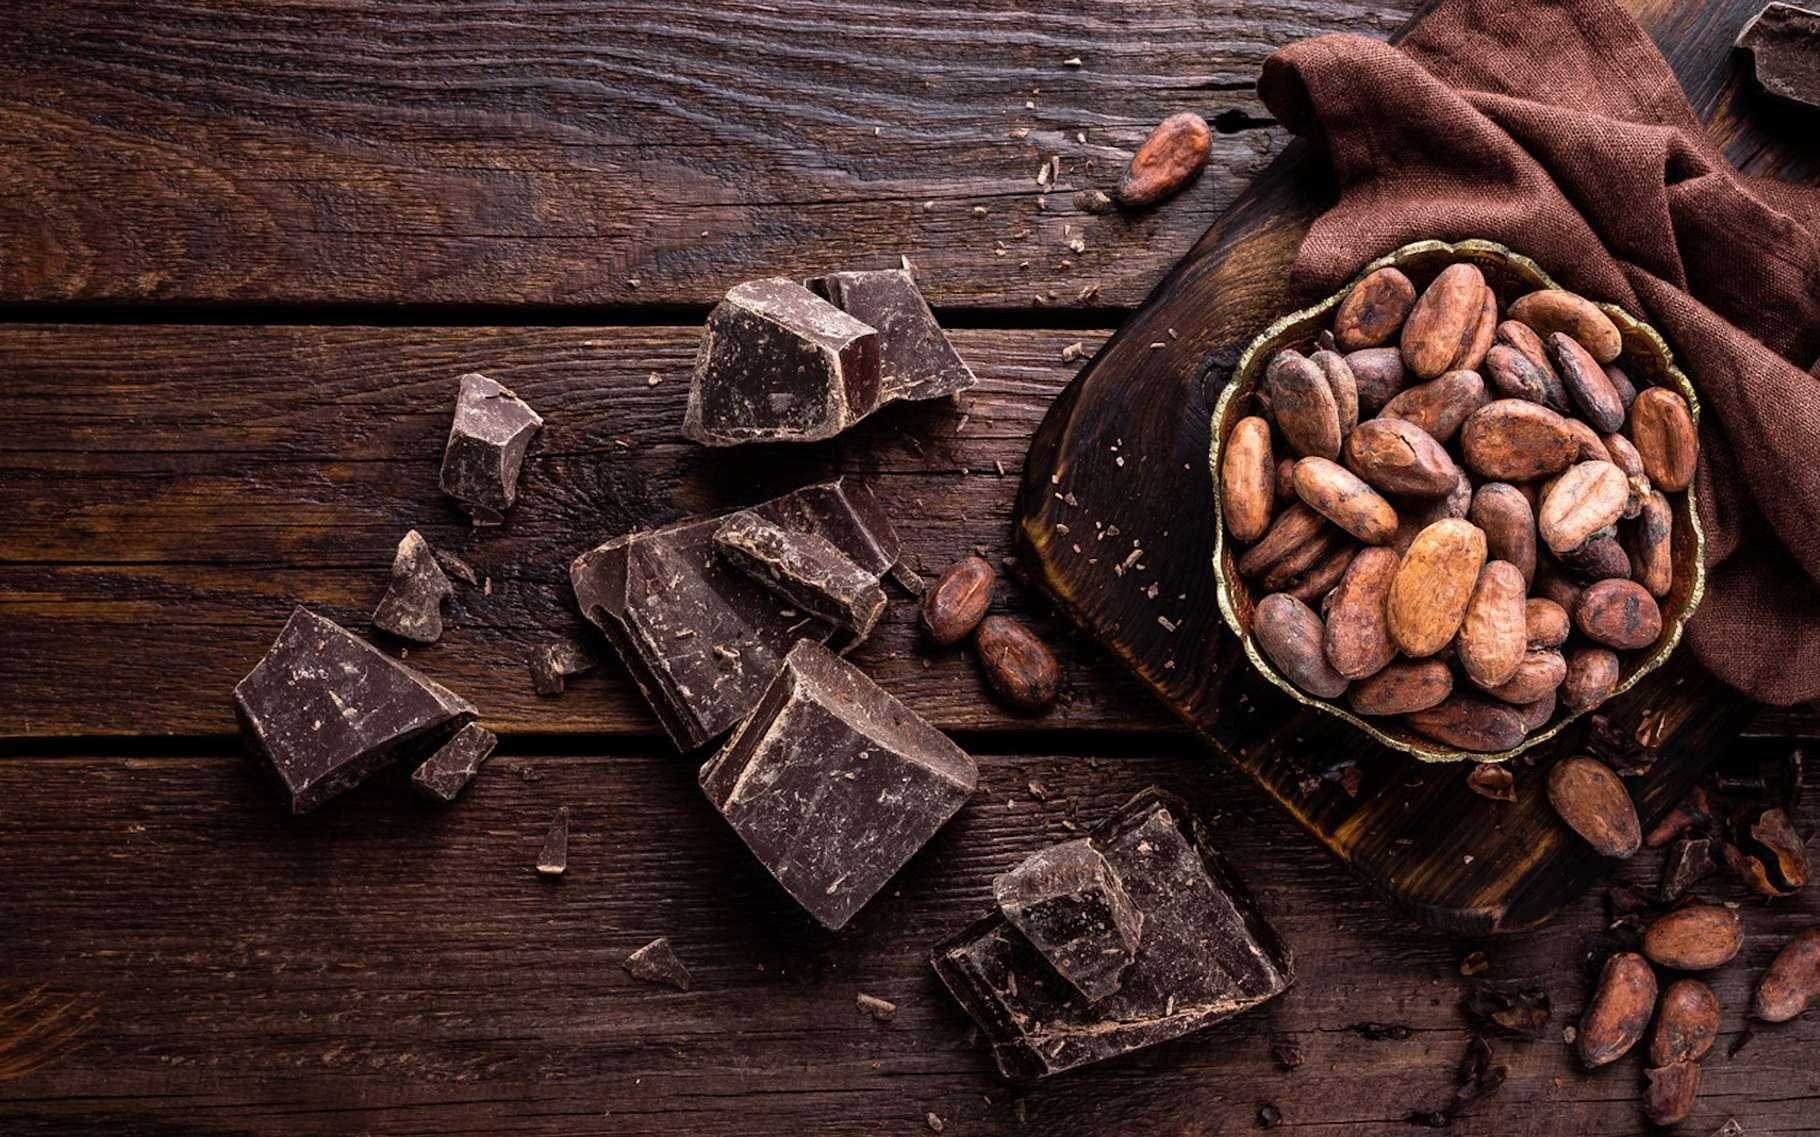 Le cacao est riche en flavanols, un composé organique cyclique qui fait du bien au cerveau. © Sea Wave, Fotolia